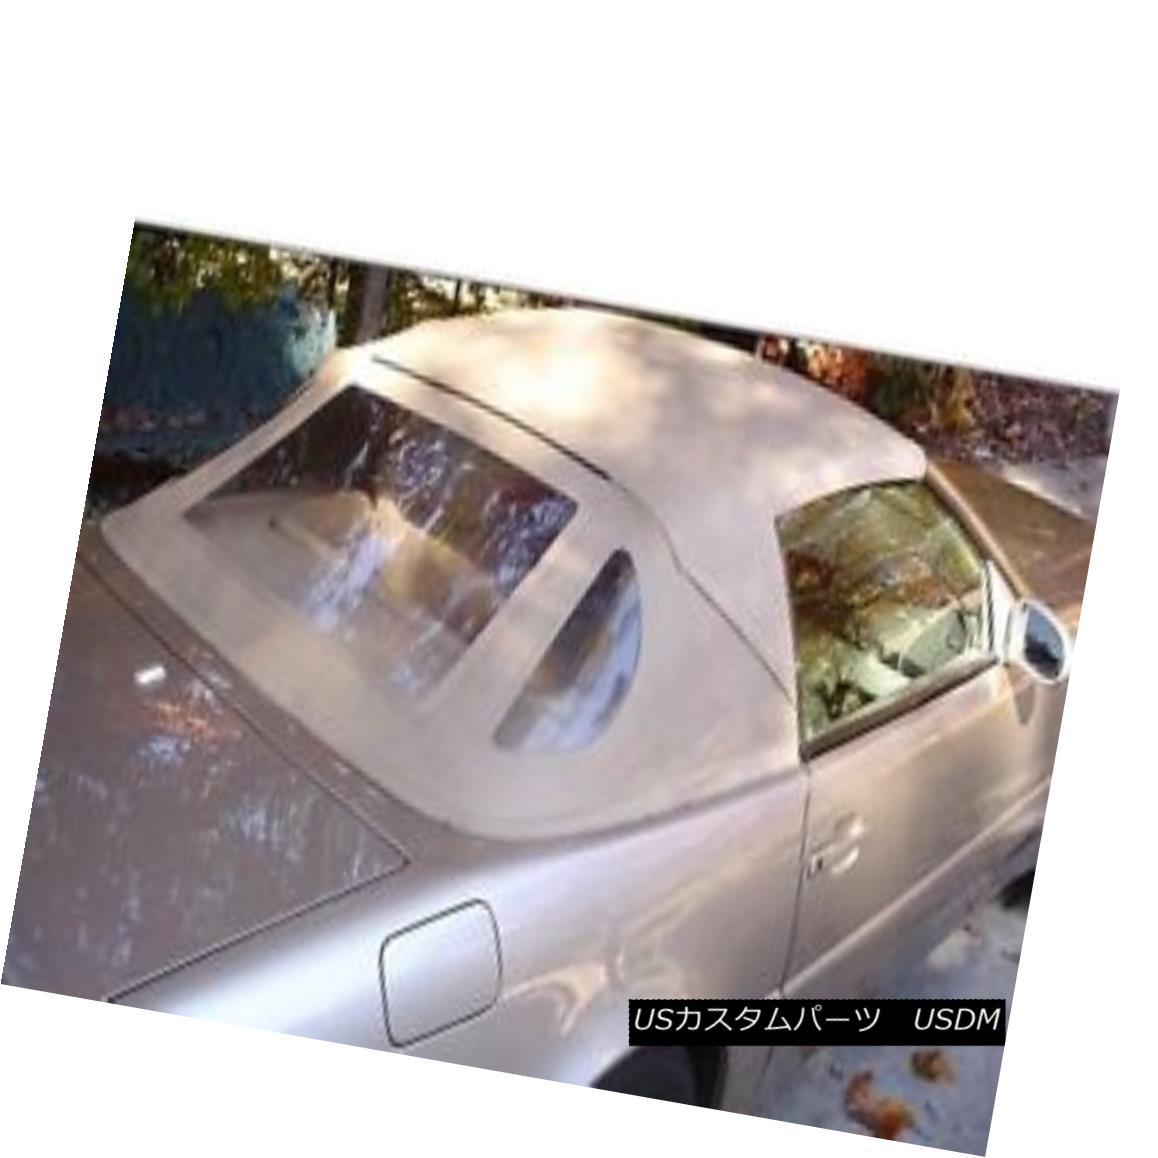 幌・ソフトトップ Mercedes Convertible SOFT Top R129 320sl sl500 sl600 500sl 90-02 メルセデス・コンバーチブルSOFTトップR129 320sl sl500 sl600 500sl 90-02